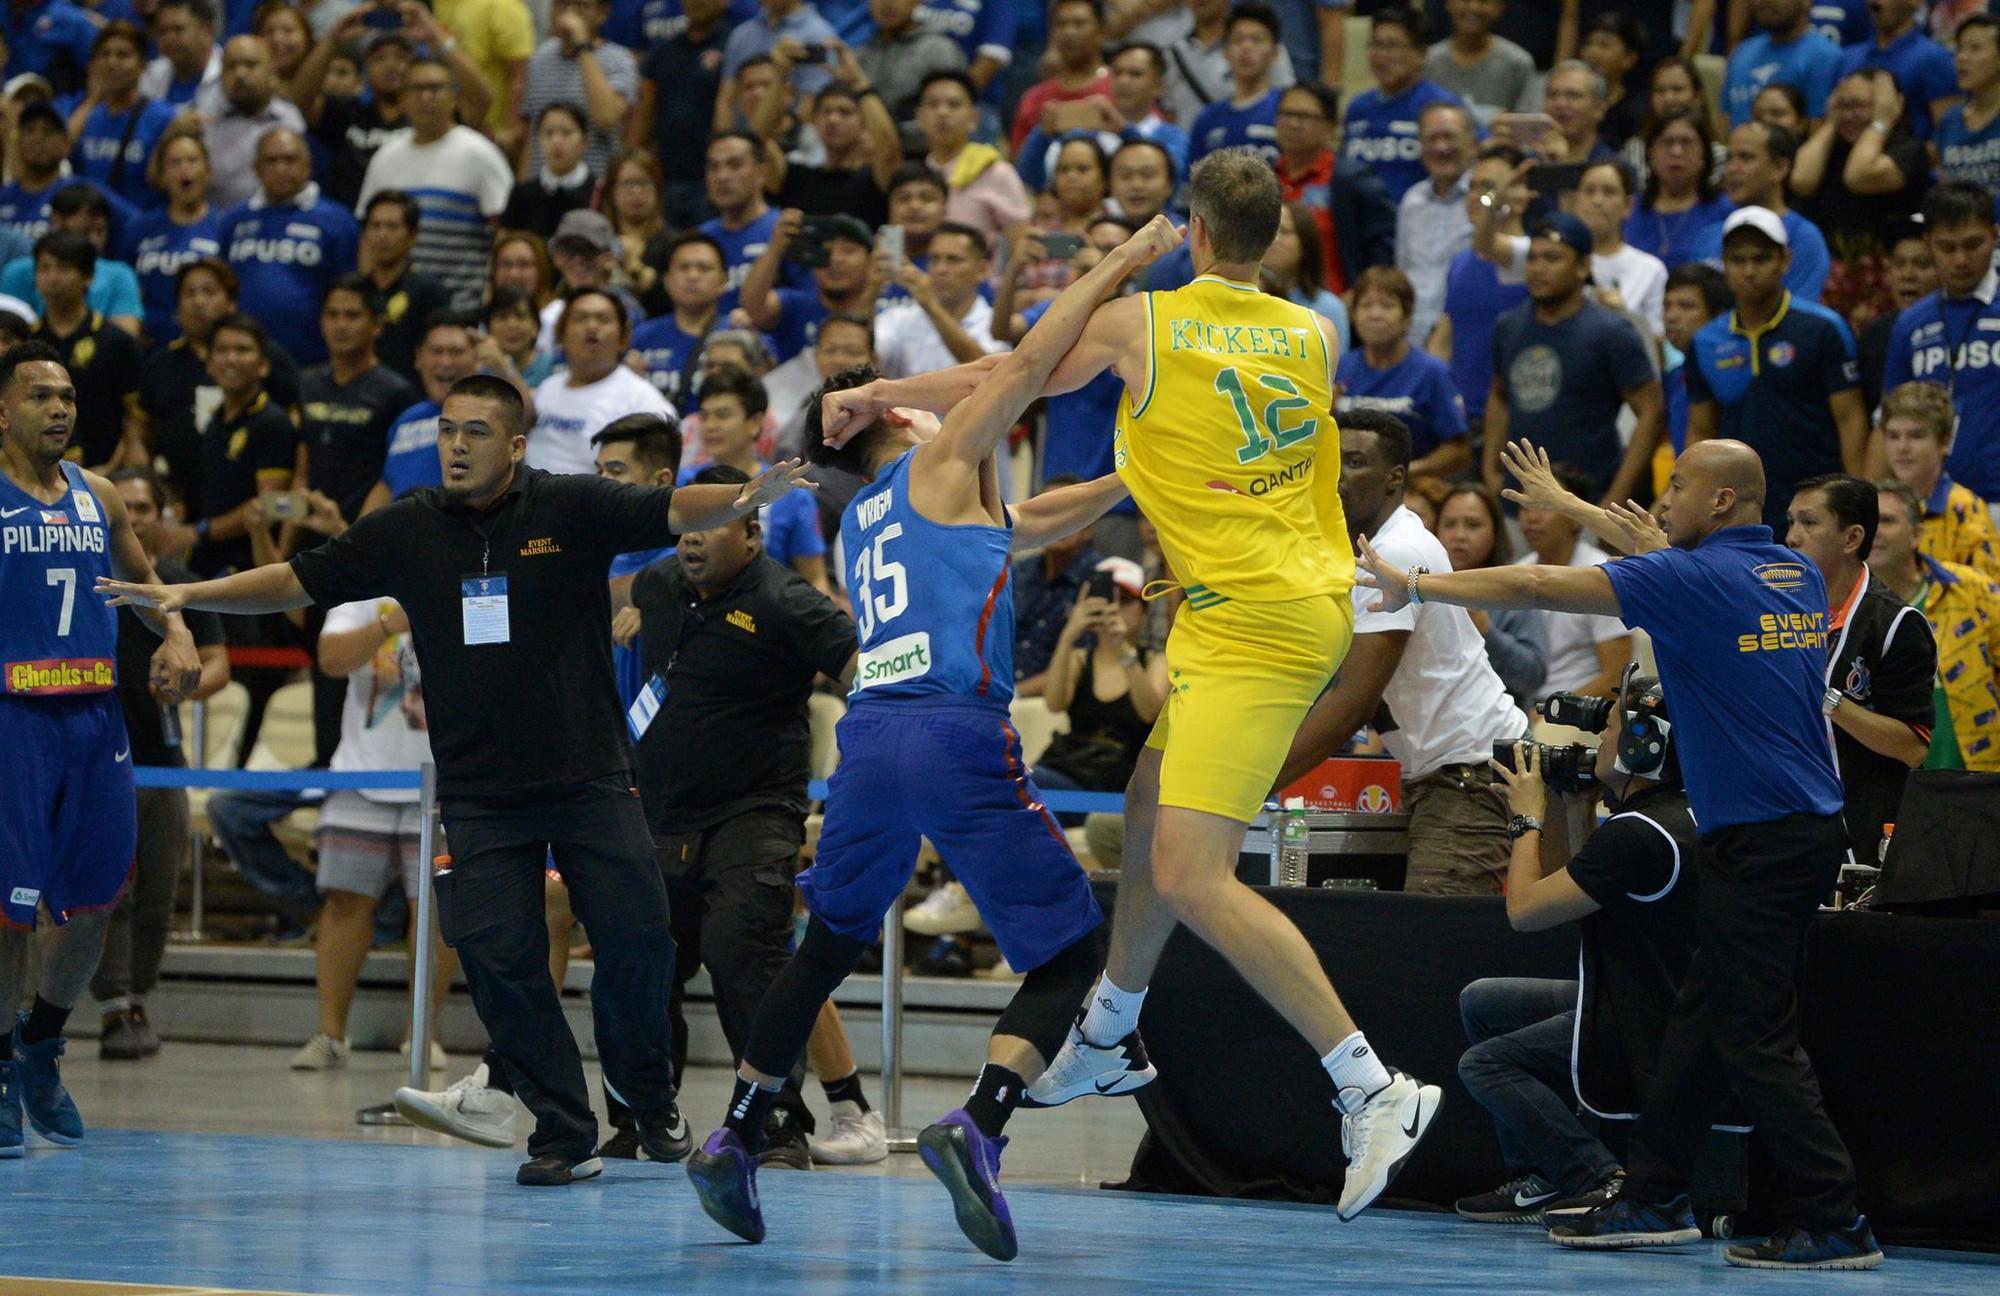 Kinh hoàng: cầu thủ bóng rổ Australia choáng váng khi bị đối thủ lấy ghế đập vào đầu - Ảnh 2.